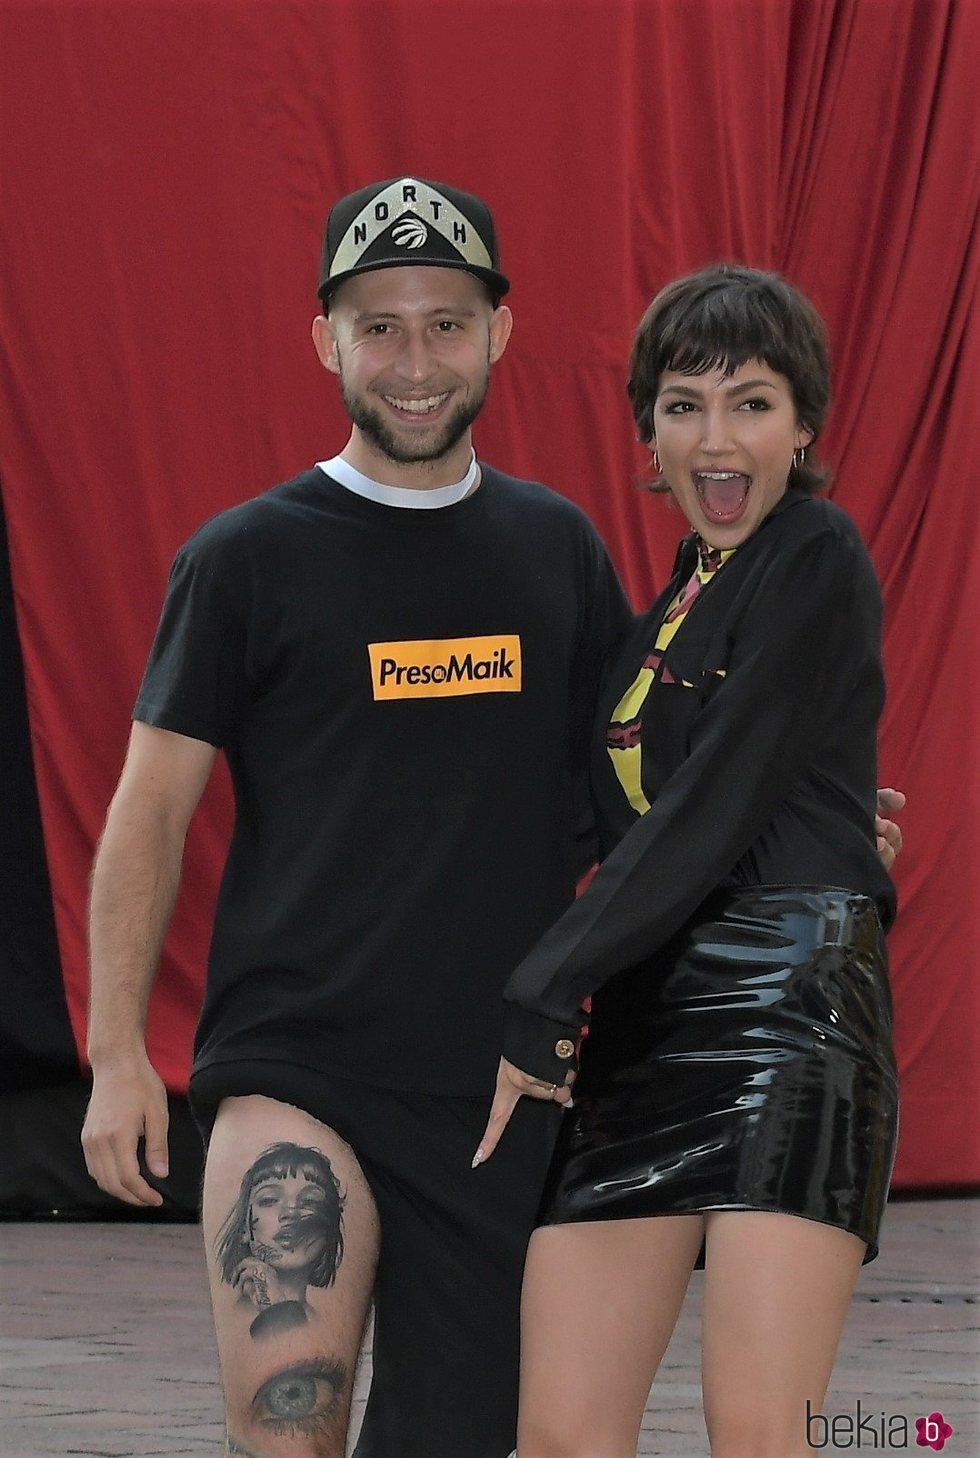 Úrsula Corberó posando con un fan que se ha tatuado su cara en la presentacion en Milán